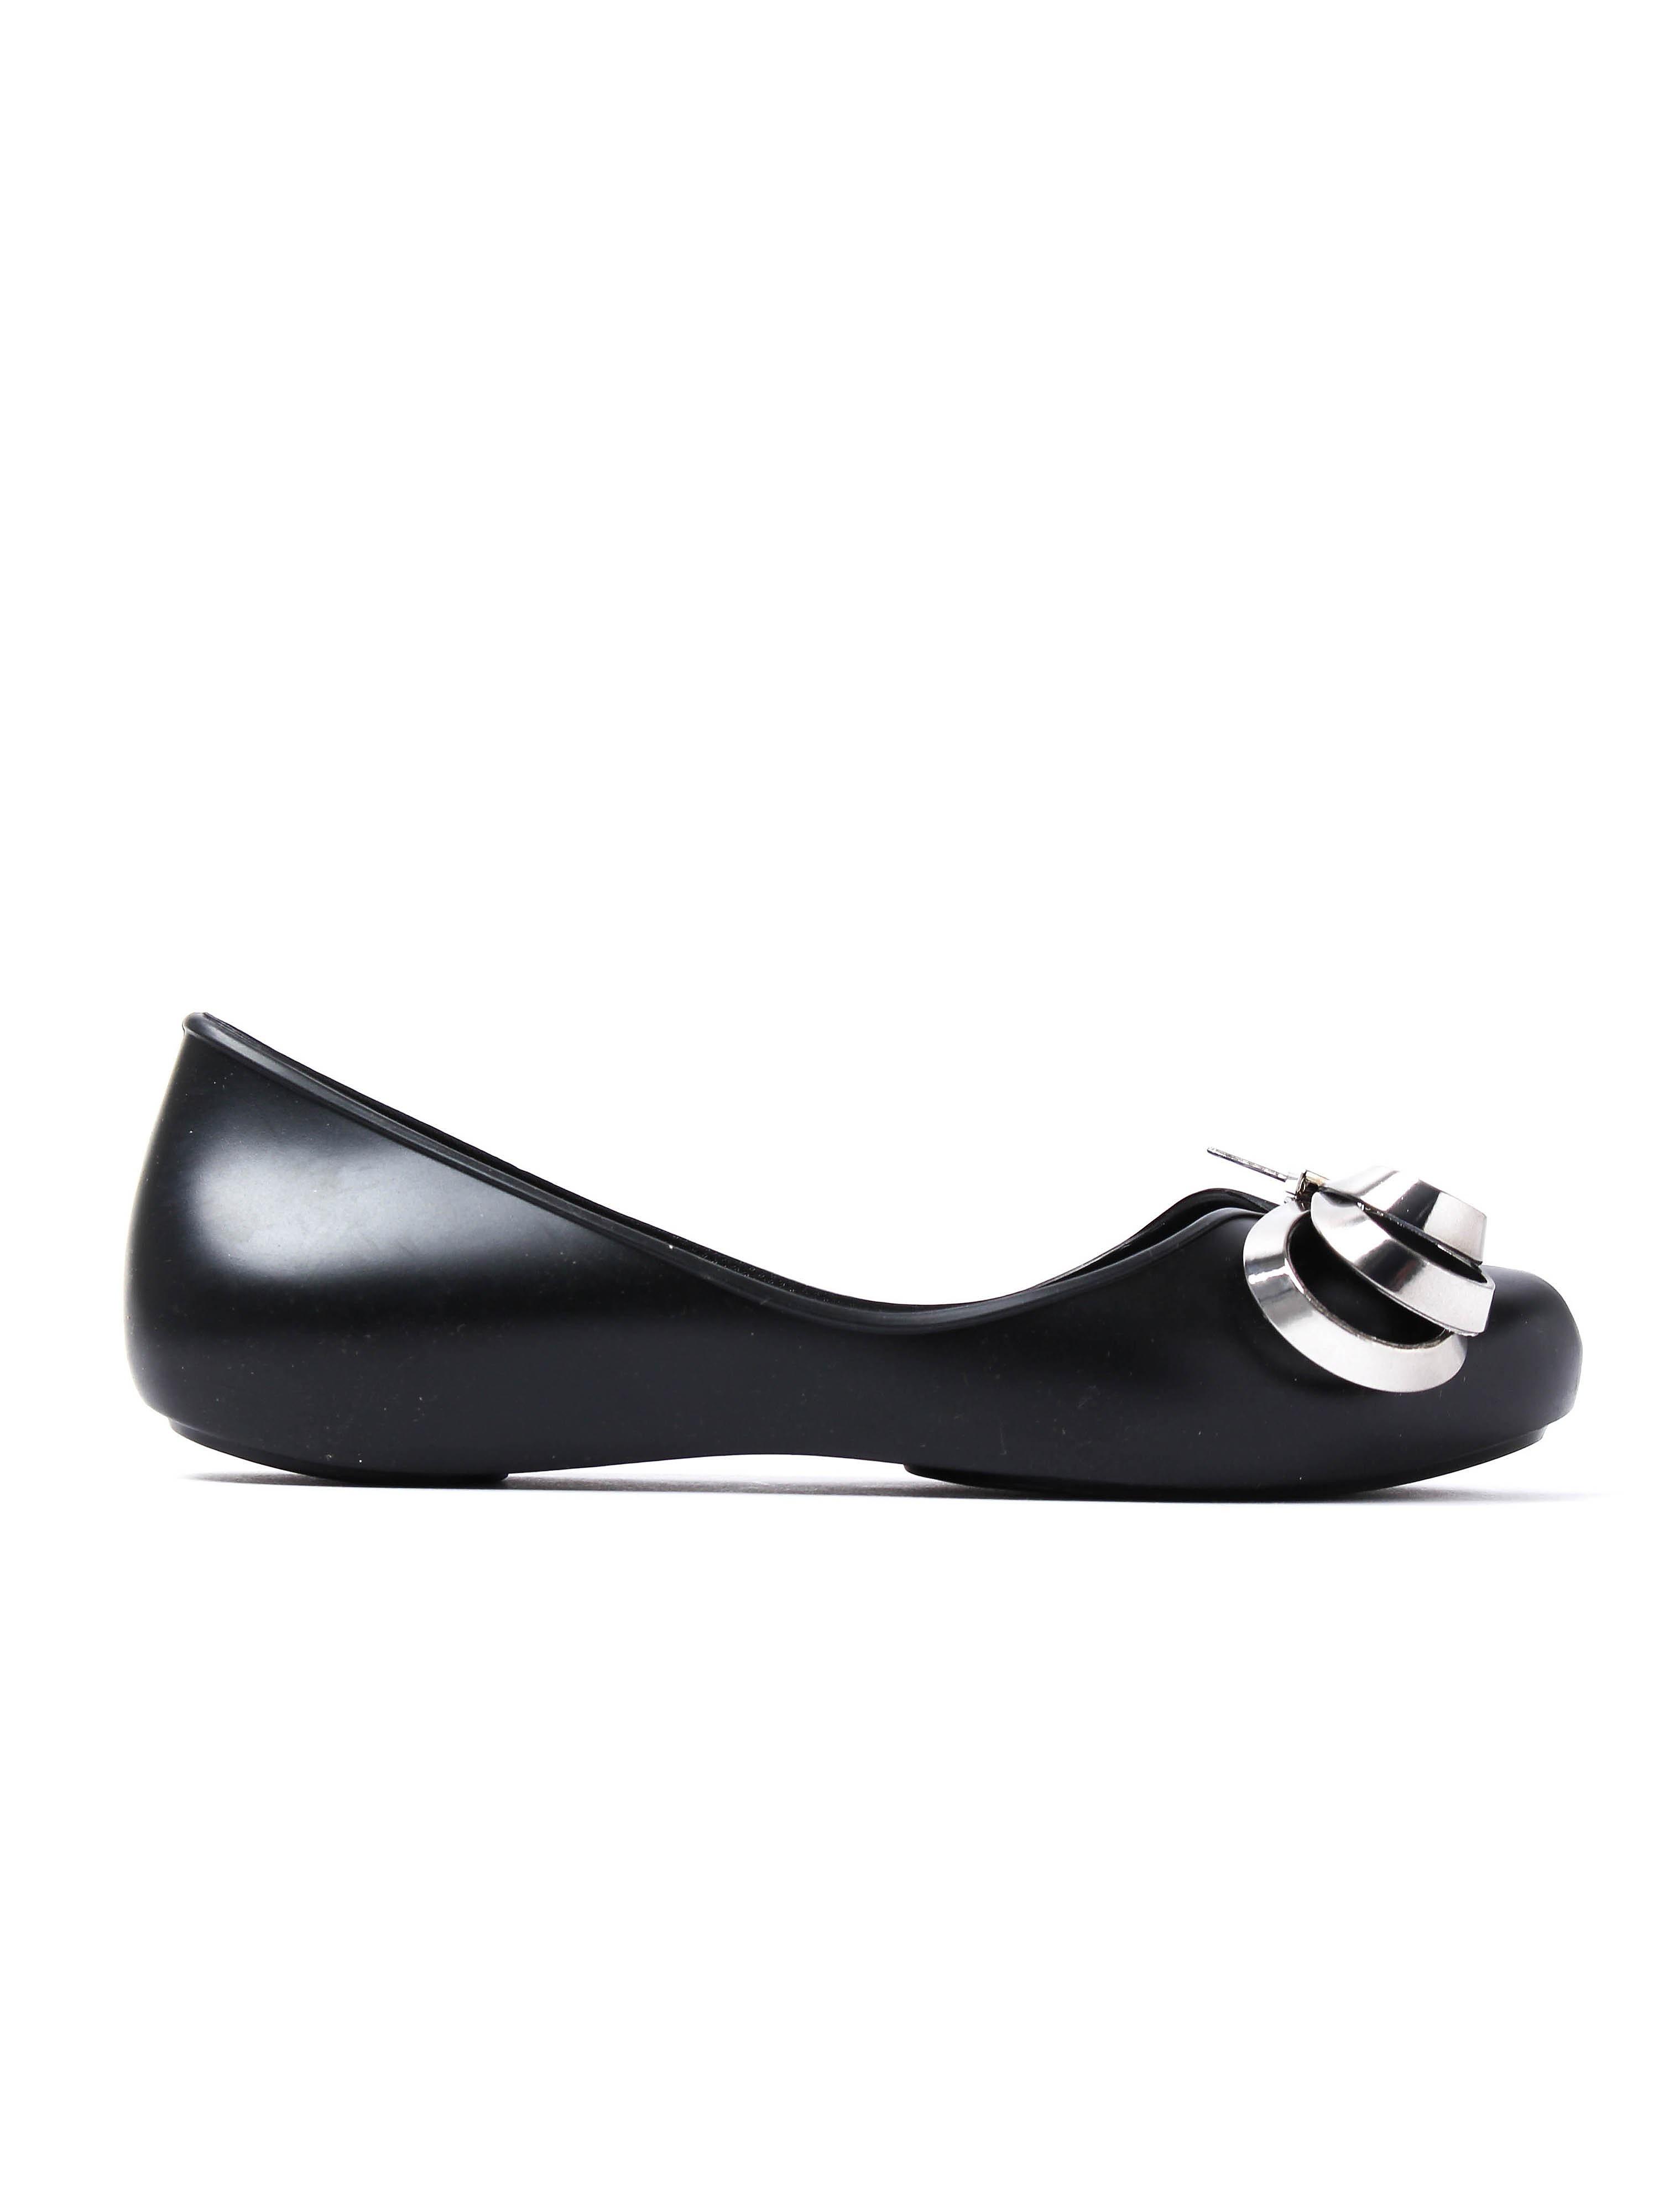 Zaxy Women's Luxury Ribbon Ballerina Pumps - Black/Silver